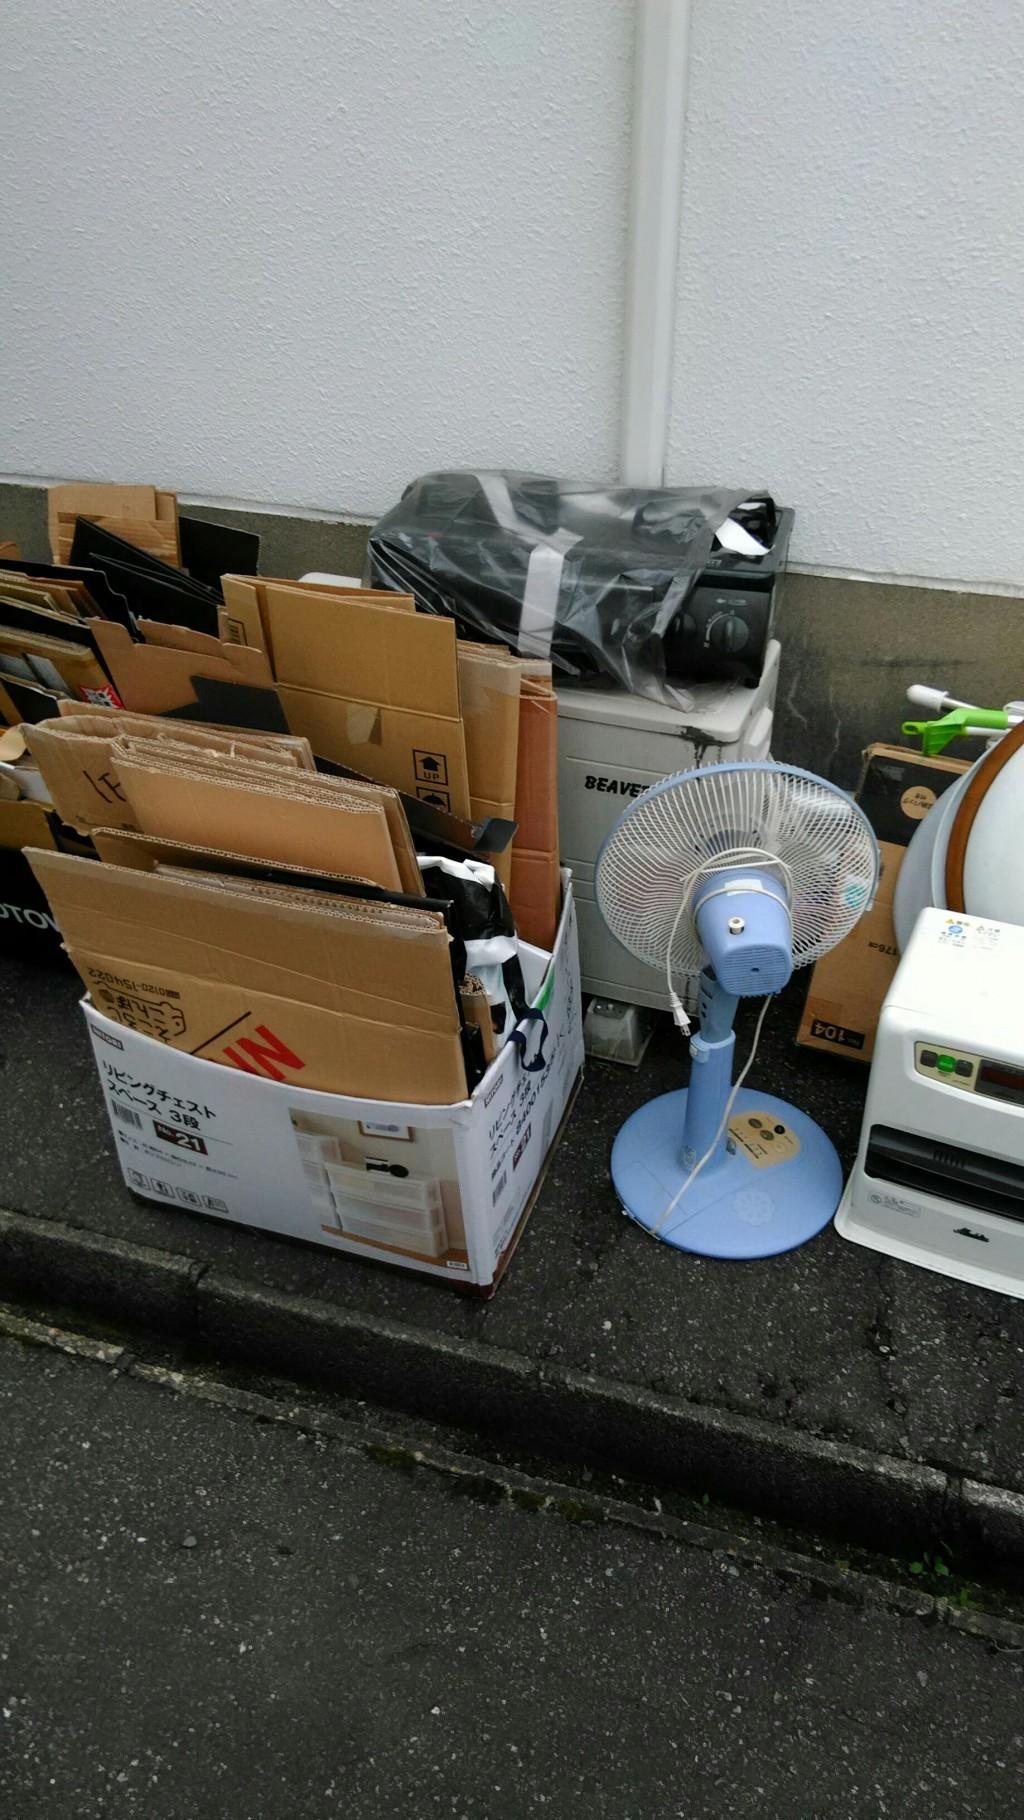 【富山市】軽トラ1台分の回収☆希望日での回収にご満足いただけました!